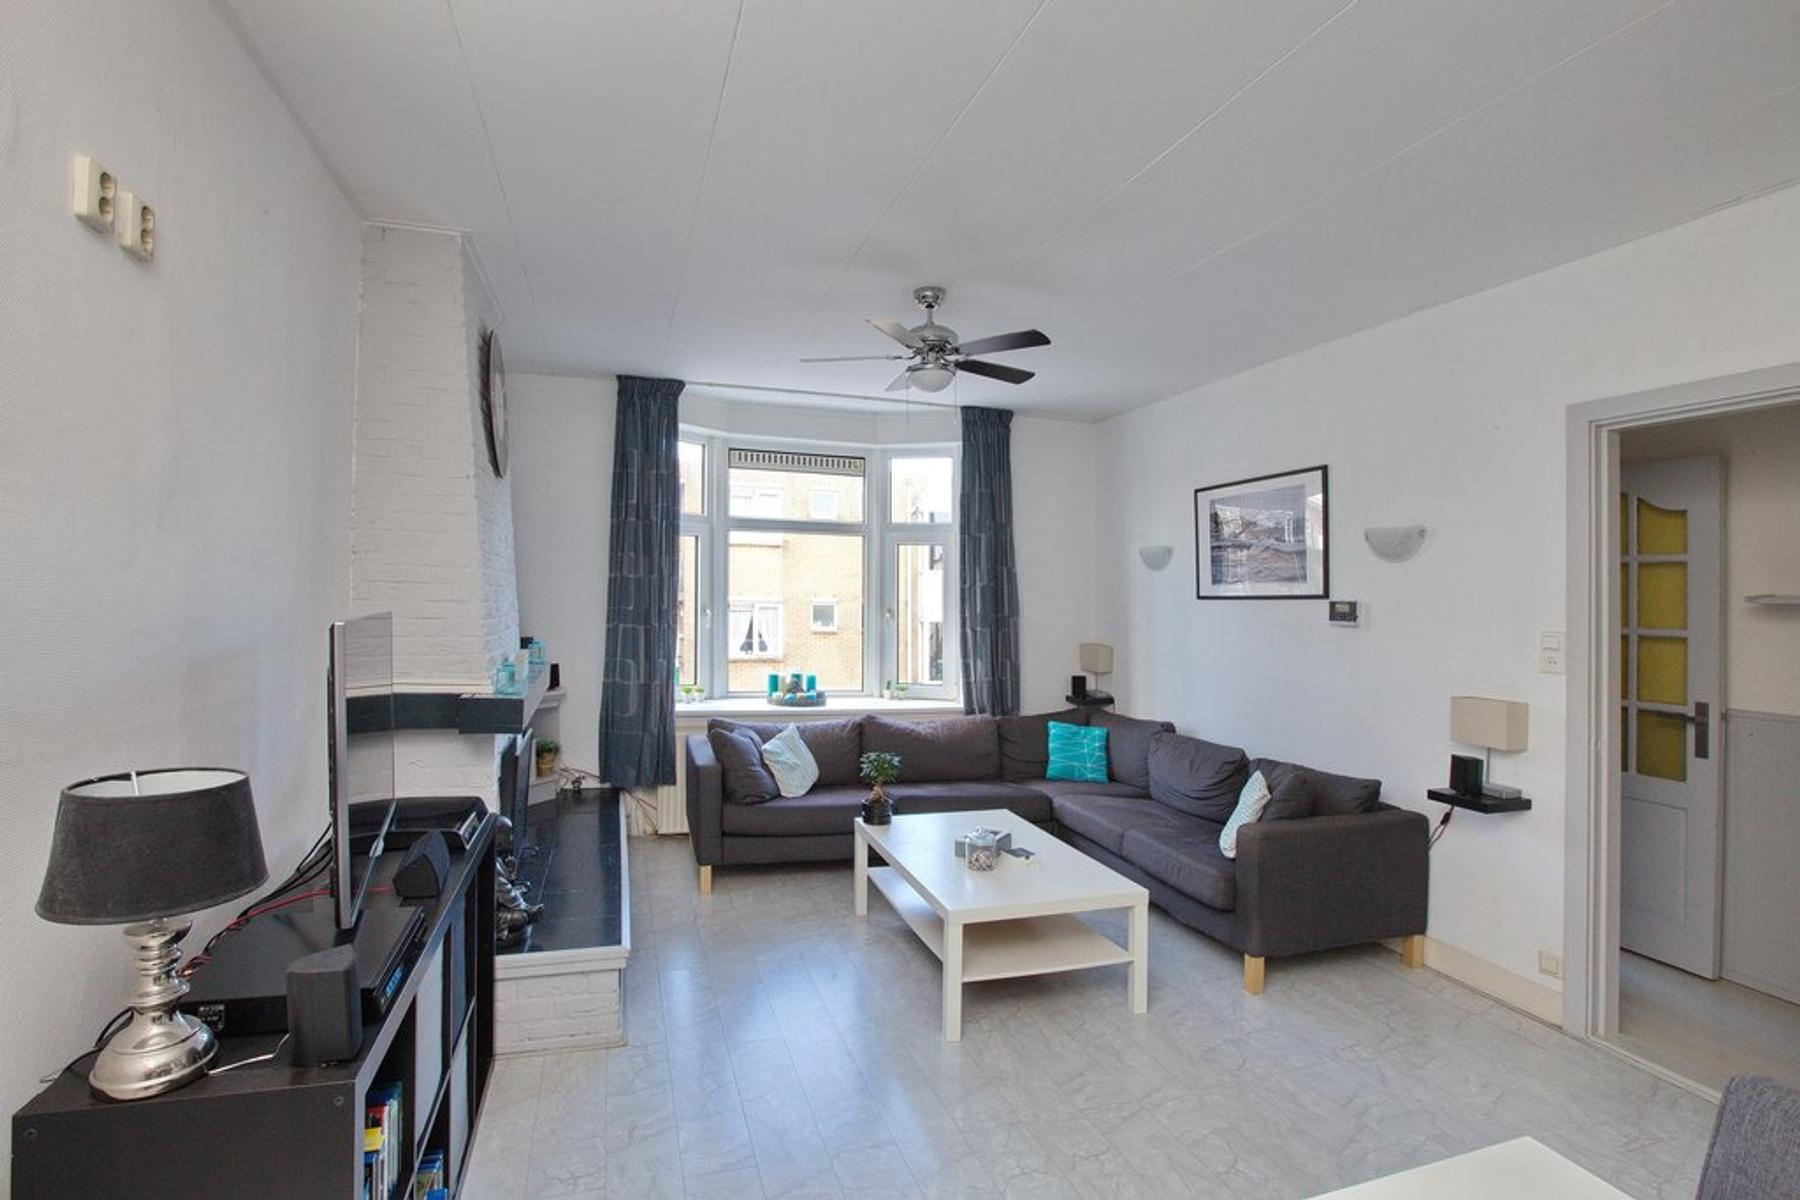 2e van leyden gaelstraat 16 01 in vlaardingen 3134 ll: appartement